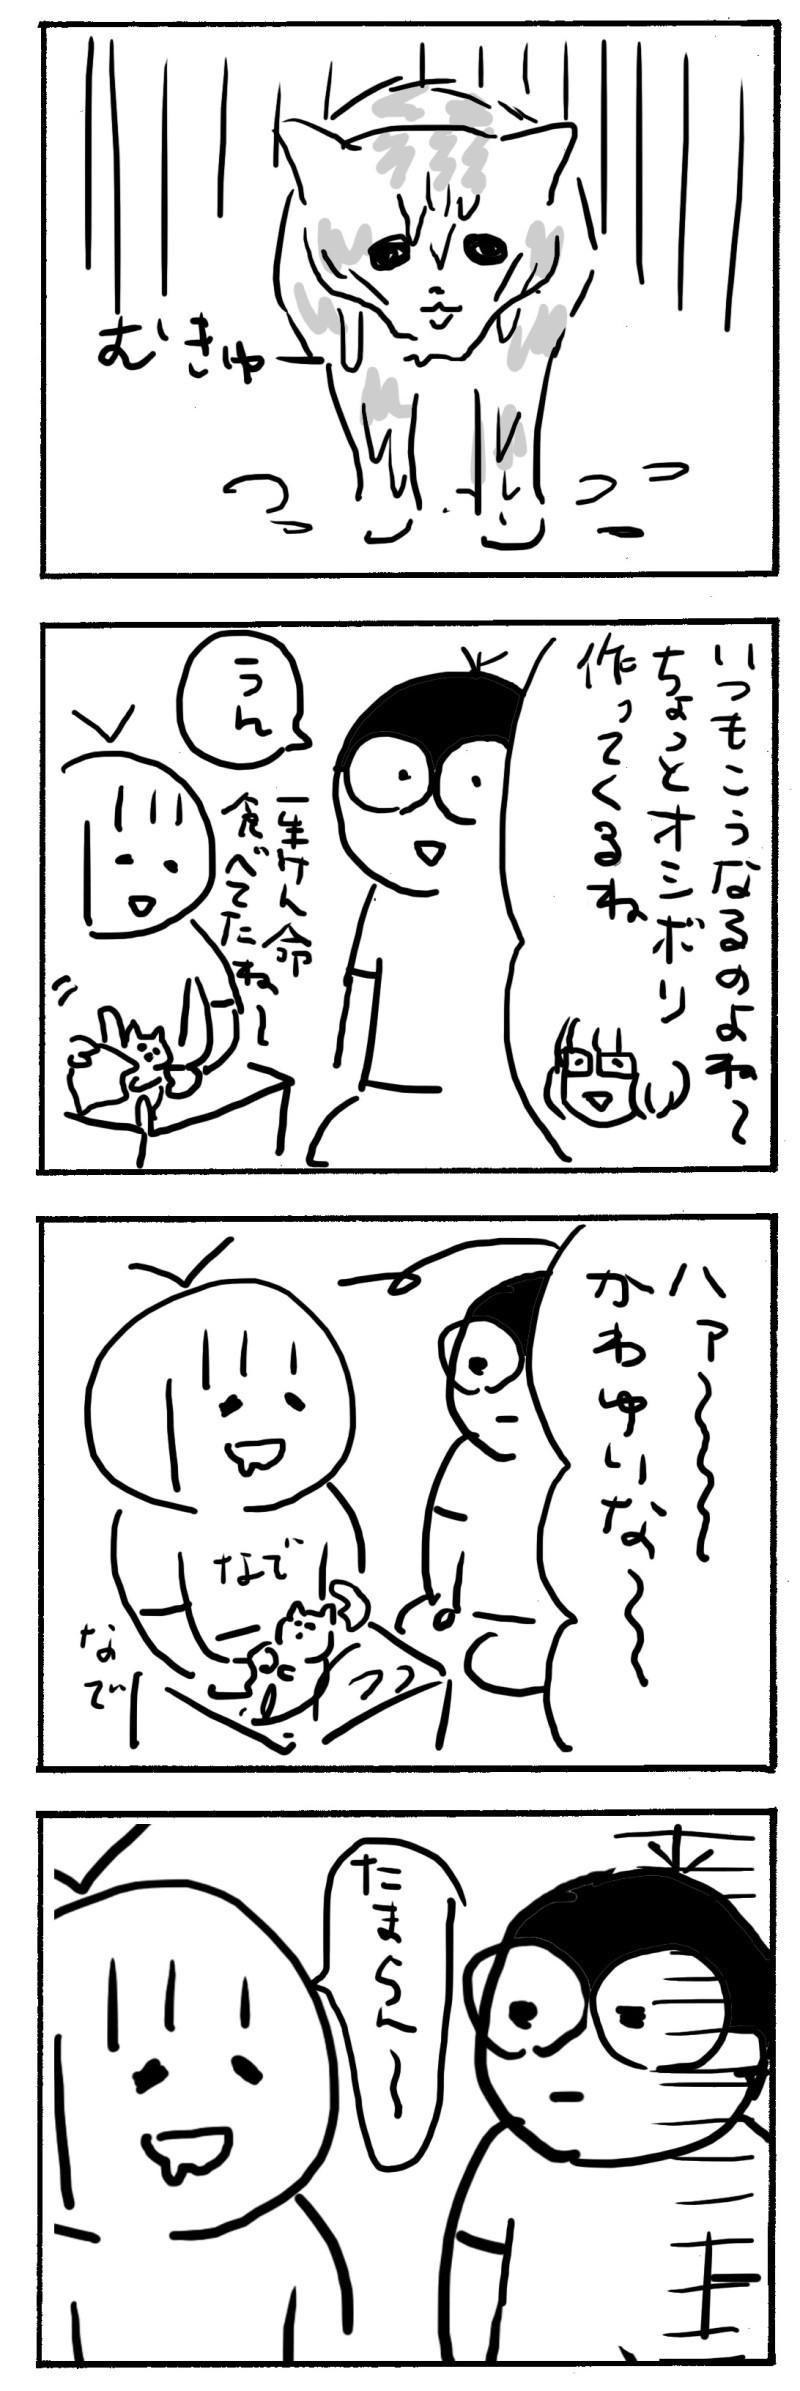 9414ade2.jpg